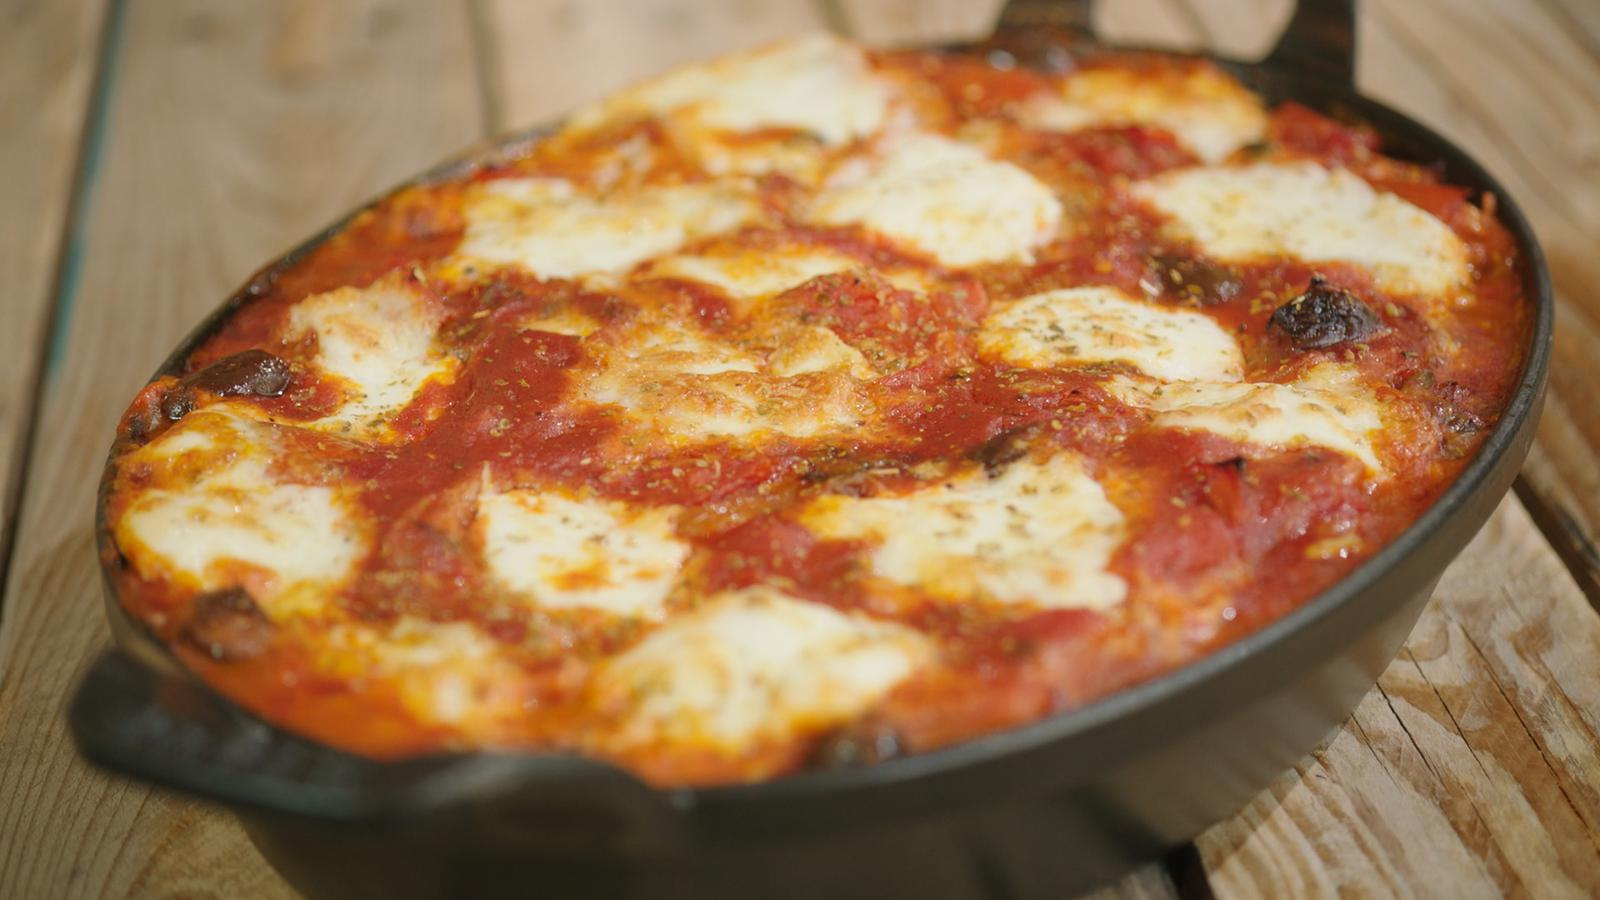 Cannelloni puttanesca